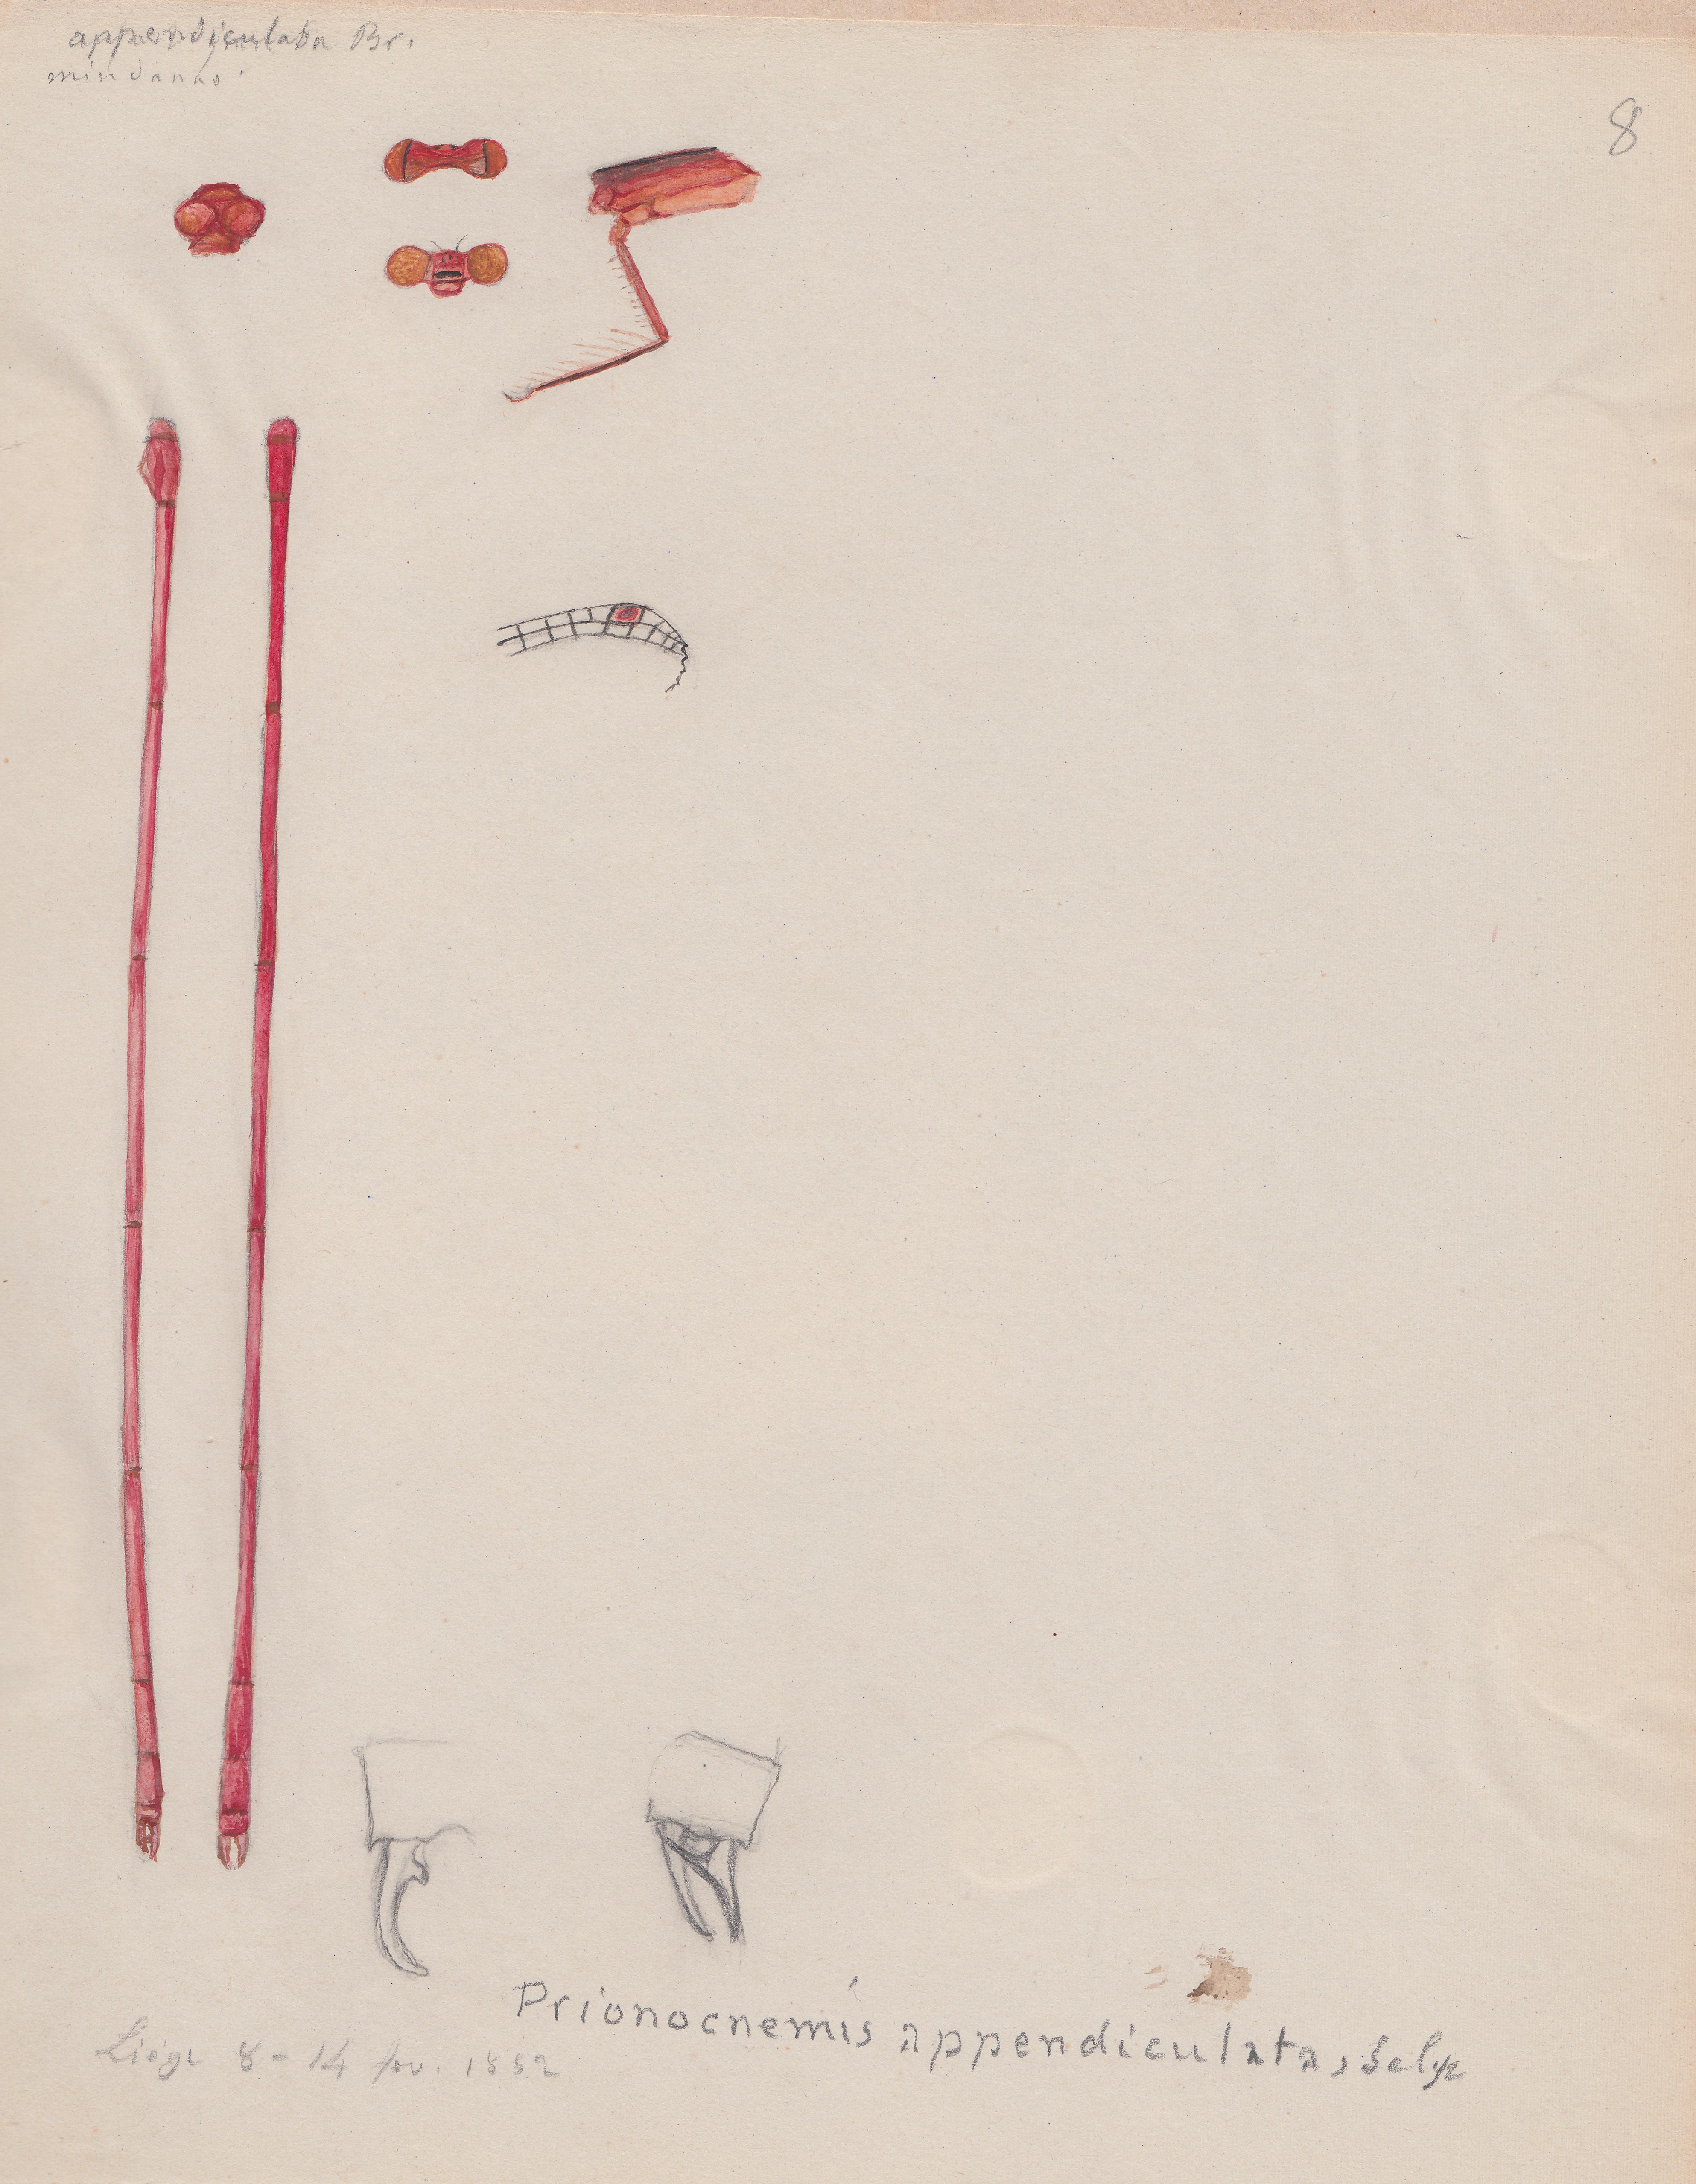 Prionocnemis appendiculata.jpg